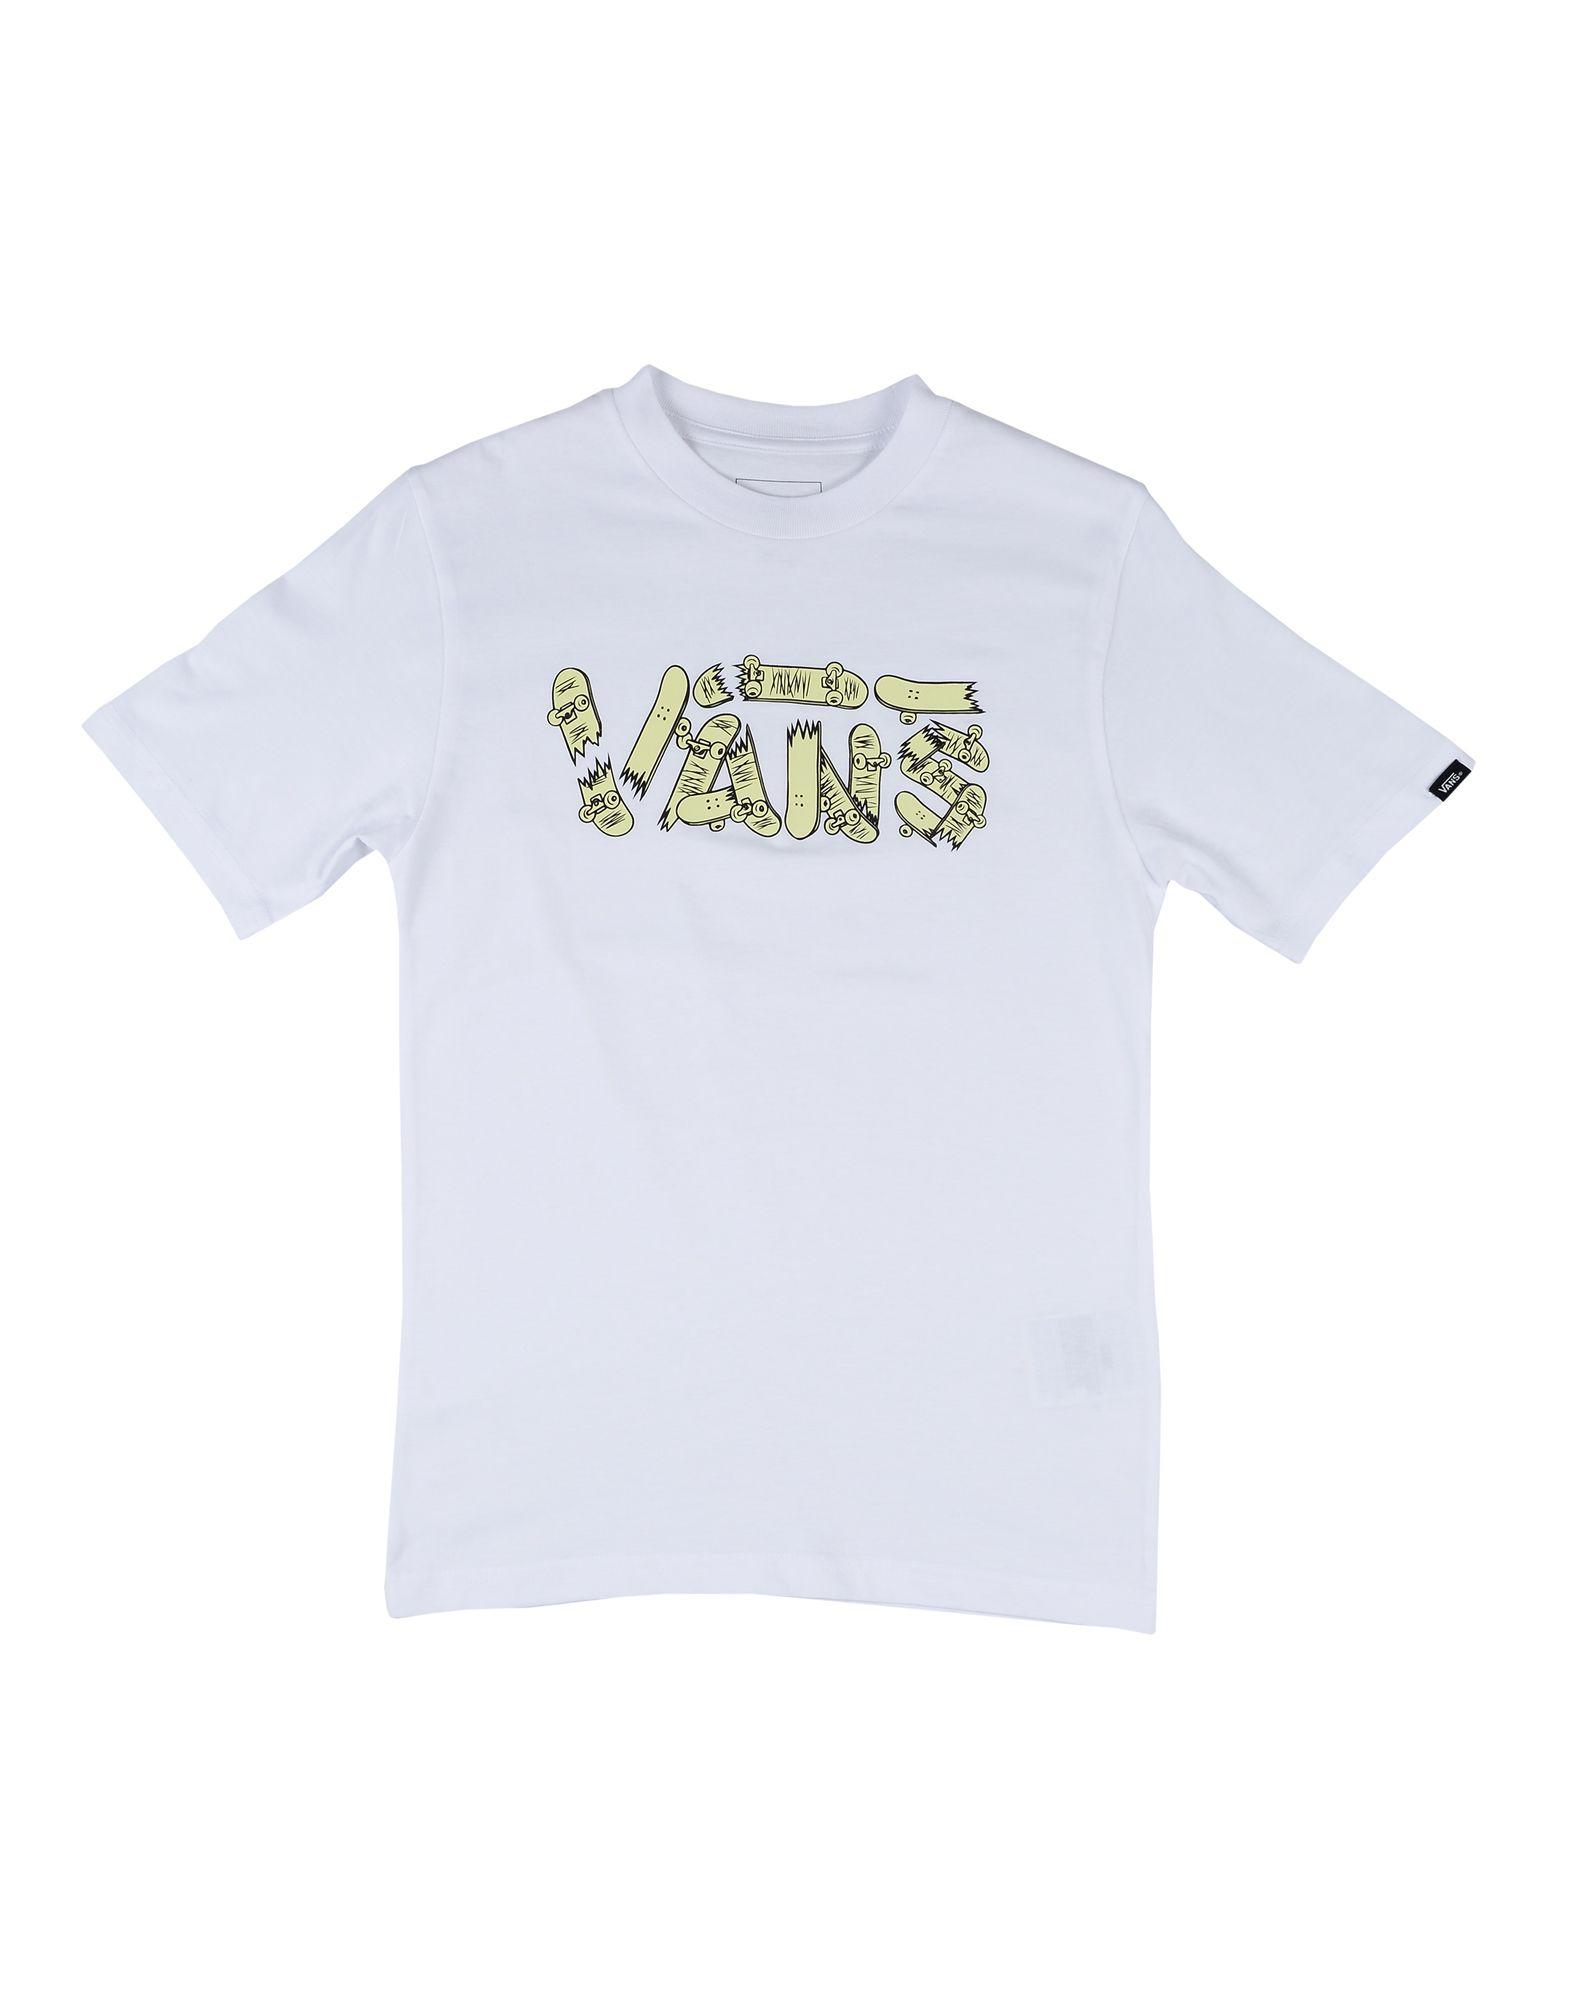 Фото - VANS Футболка кеды мужские vans ua sk8 mid цвет белый va3wm3vp3 размер 9 5 43